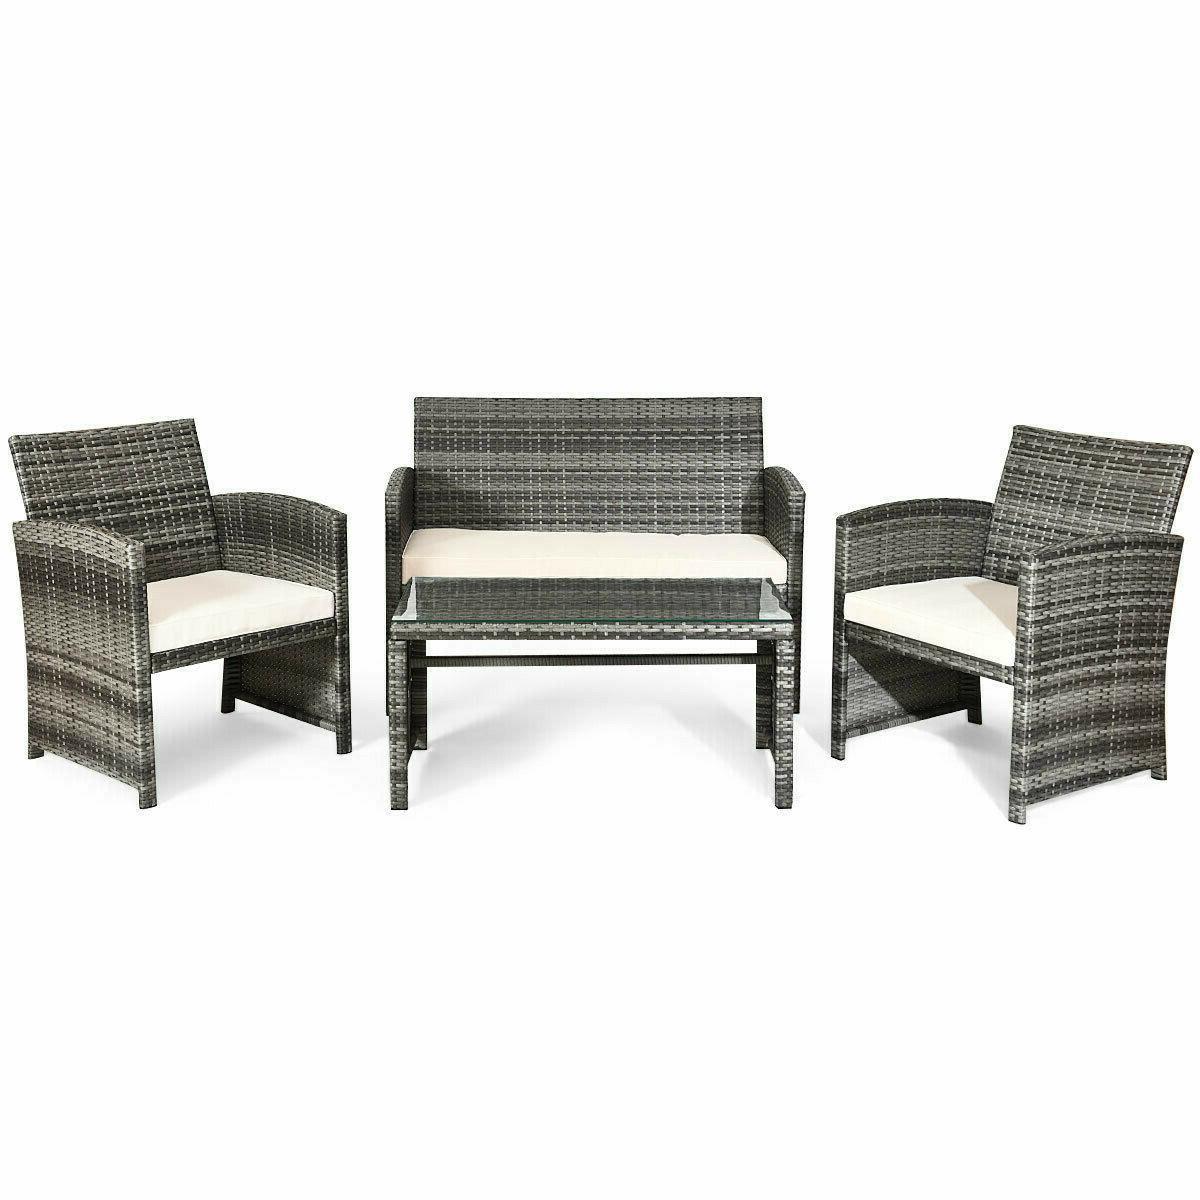 Wicker Rattan Patio Set 4 Pcs Outdoor Summer Furniture Top S